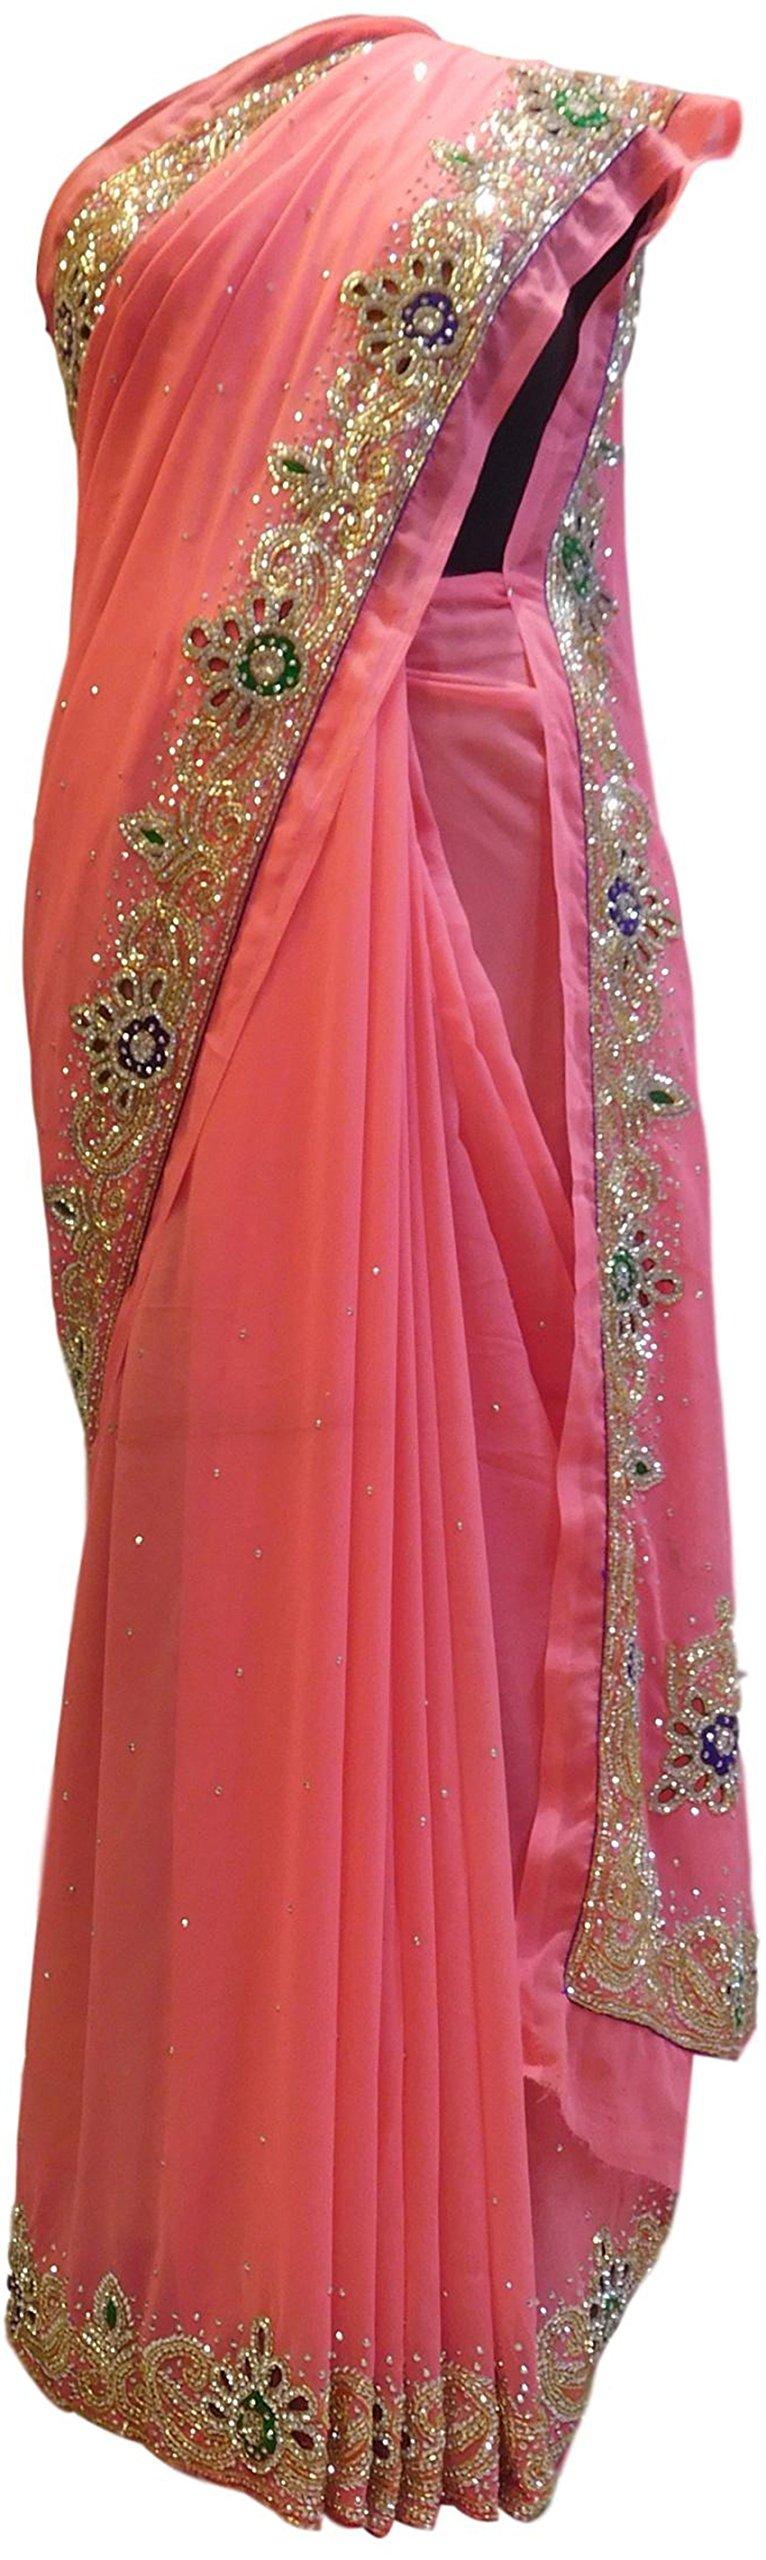 SMSAREE Pink Designer Wedding Partywear Georgette Cutdana Thread Stone Hand Embroidery Work Bridal Saree Sari C802 by SMSAREE